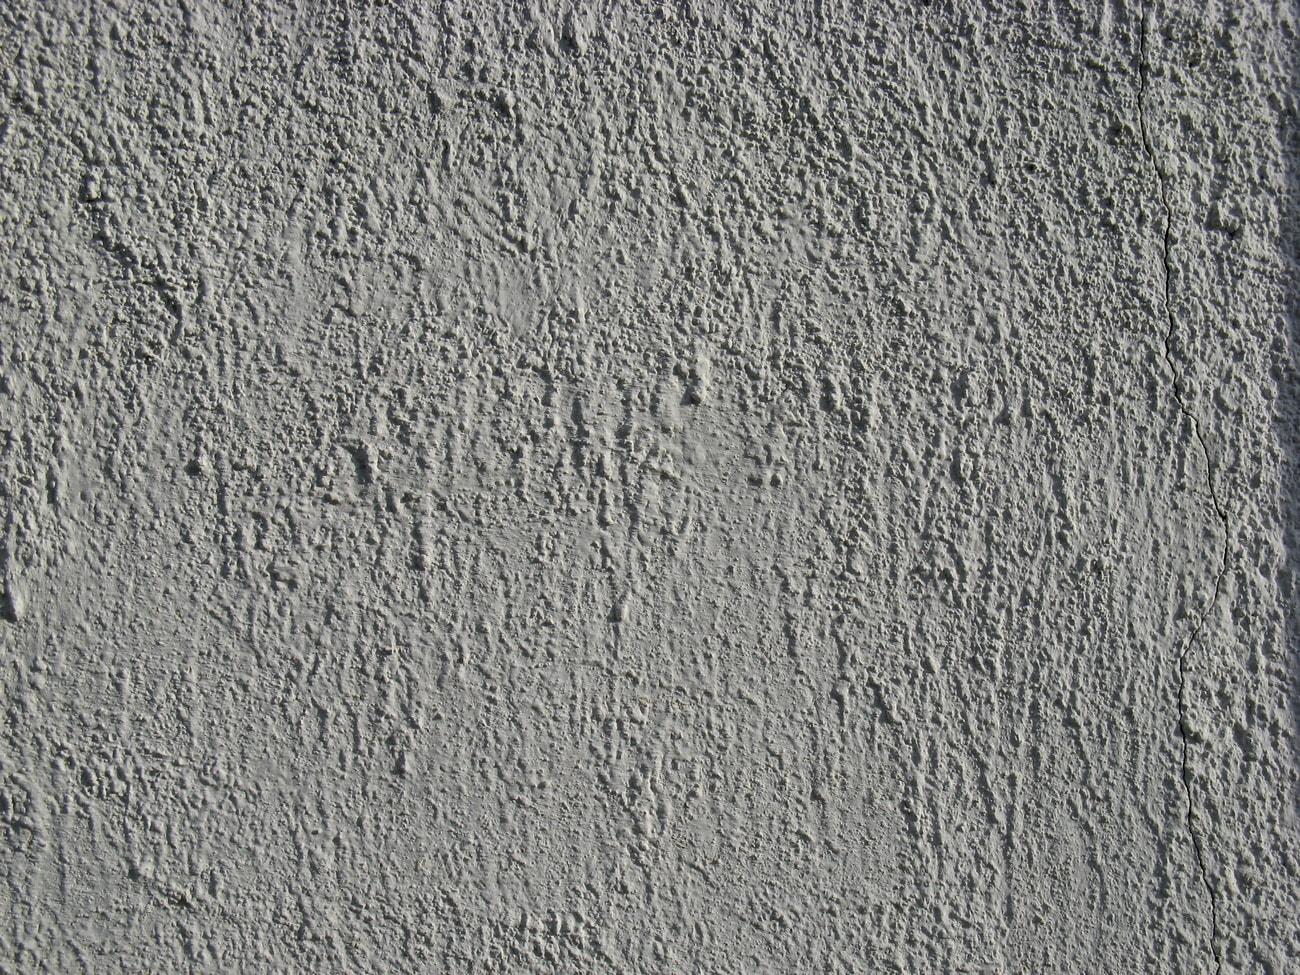 Зернистость структуры цементной шпаклевки